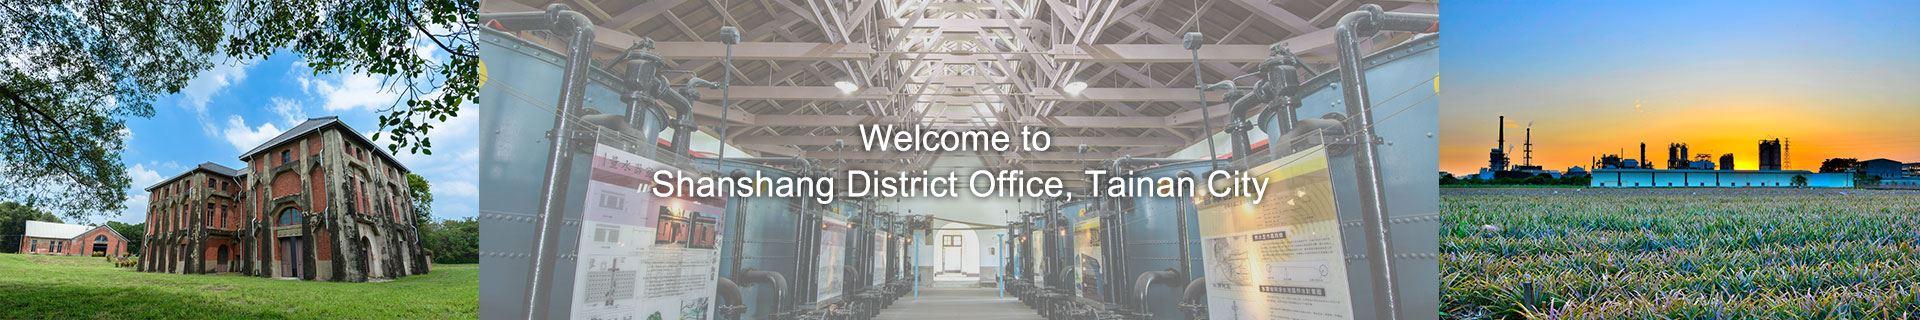 Shanshang District Office, Tainan City